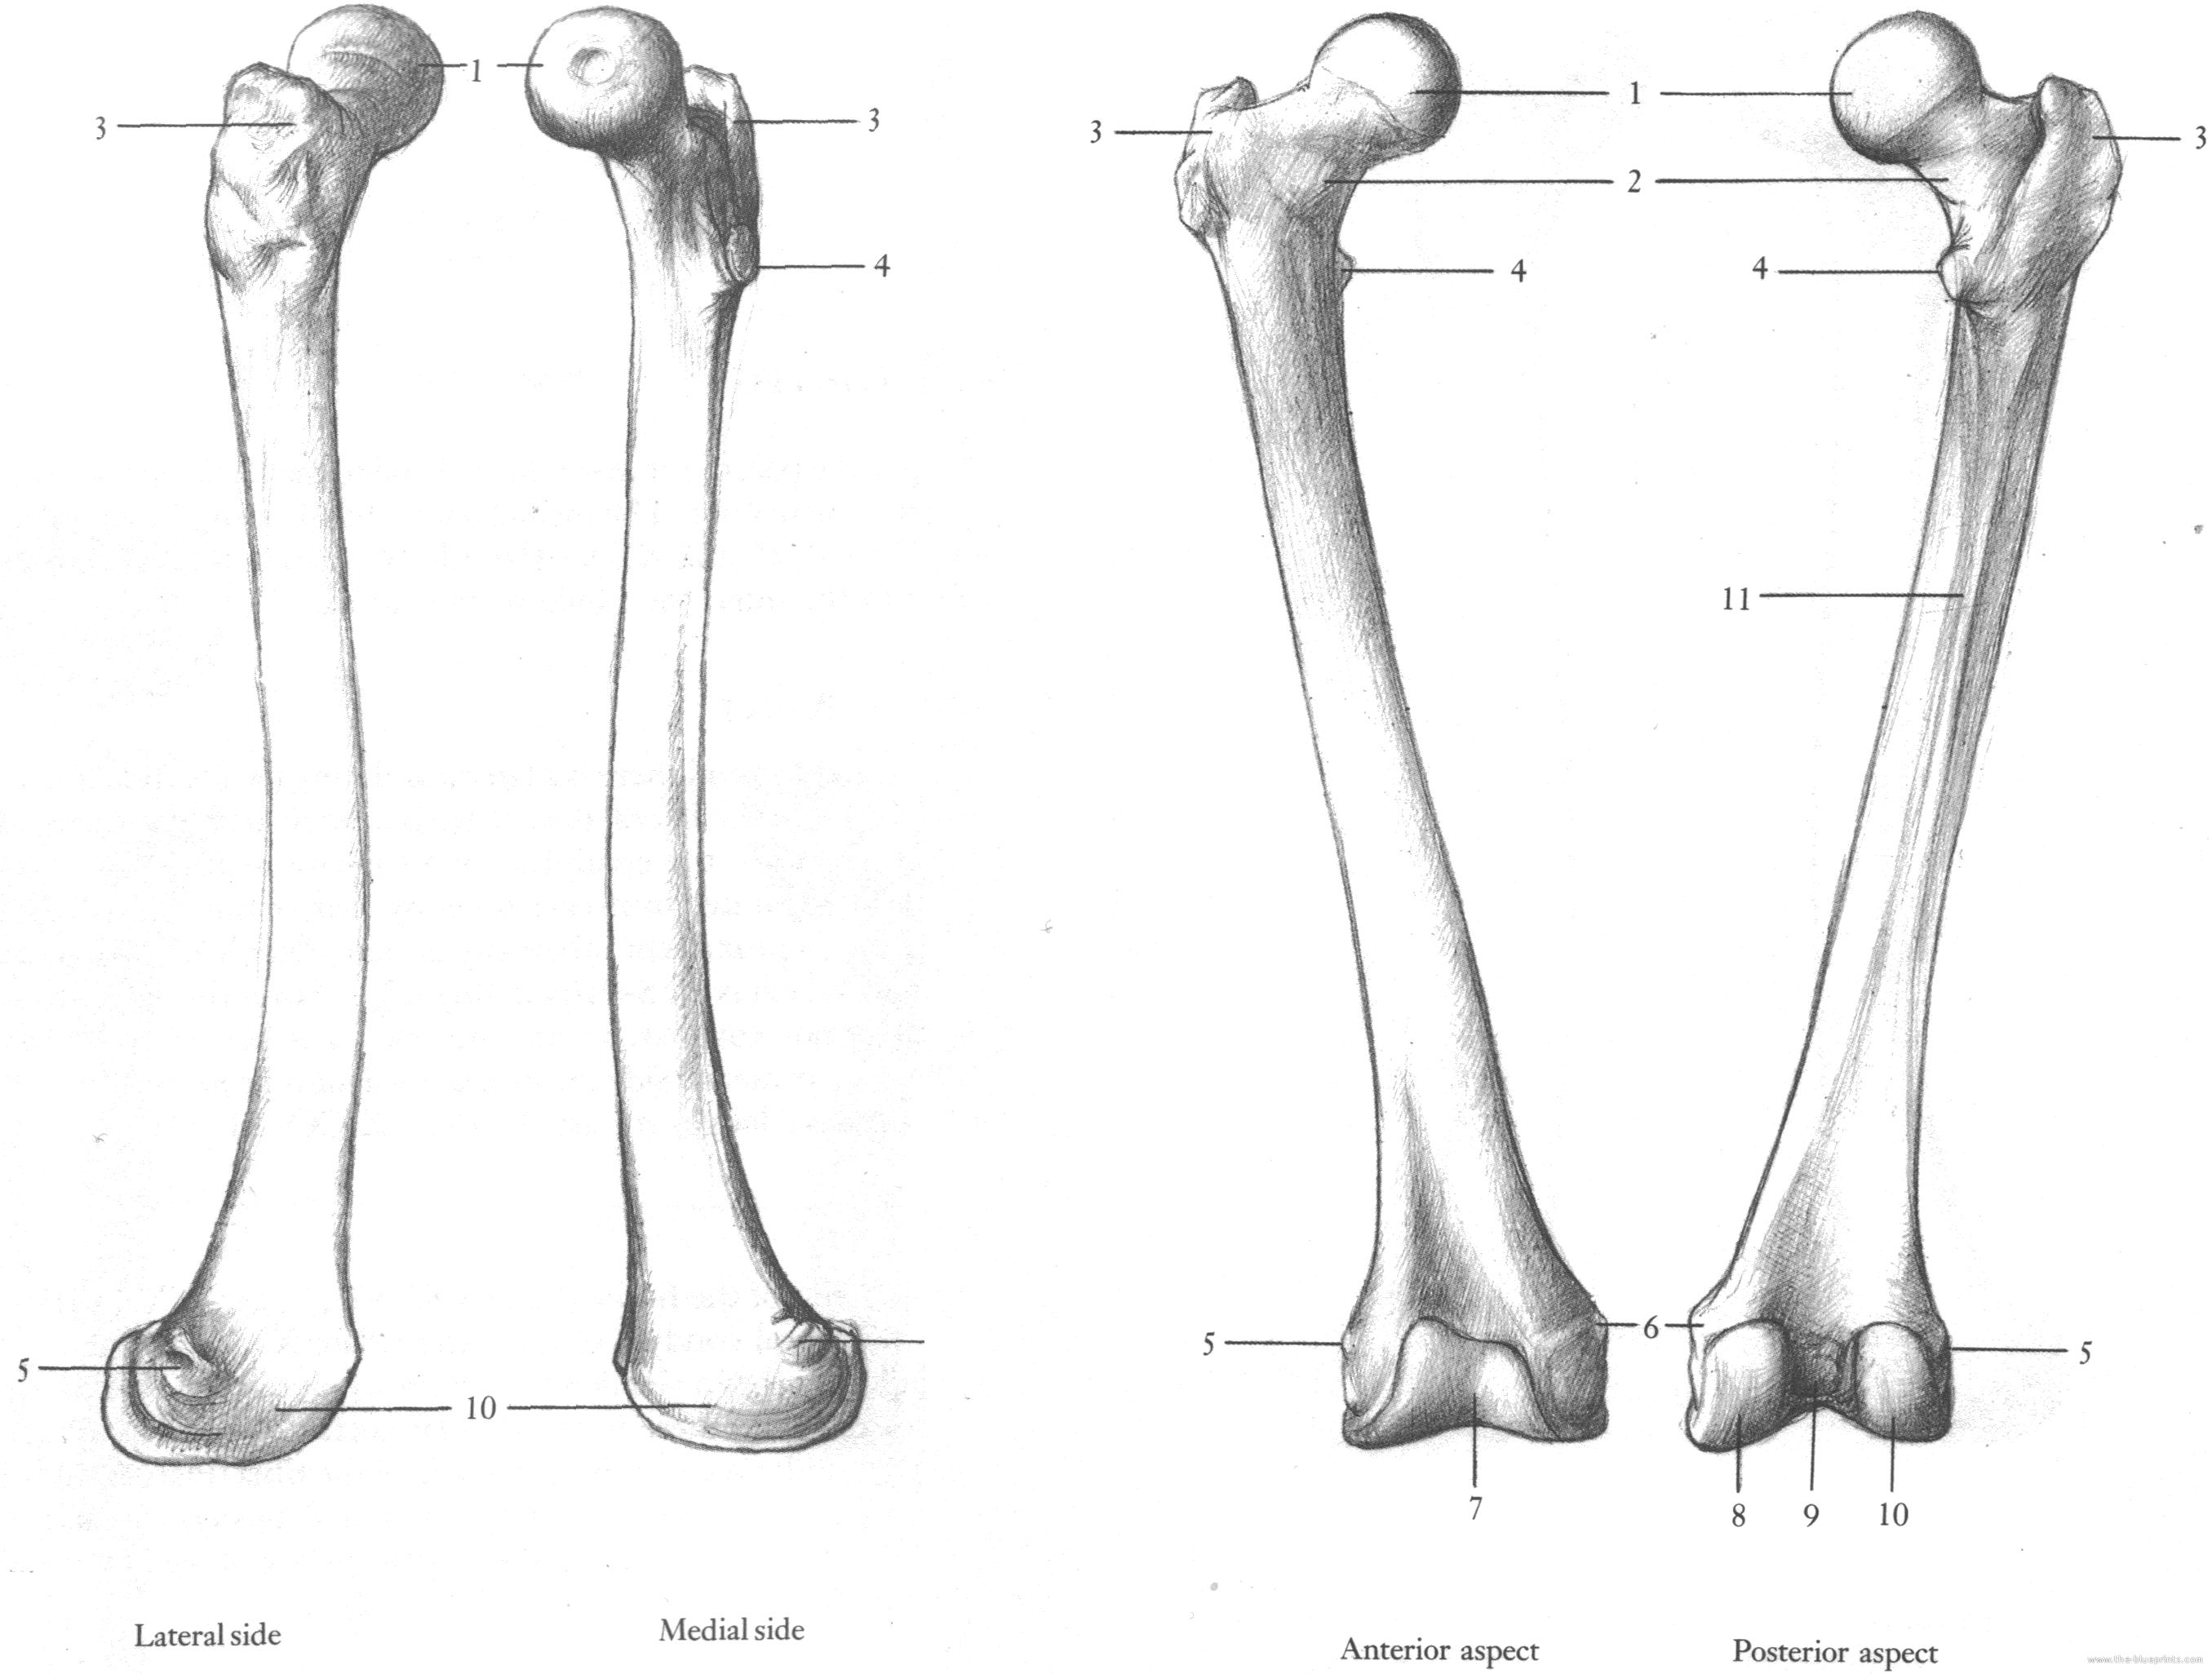 Omplete Femur Upper Leg Bone Image